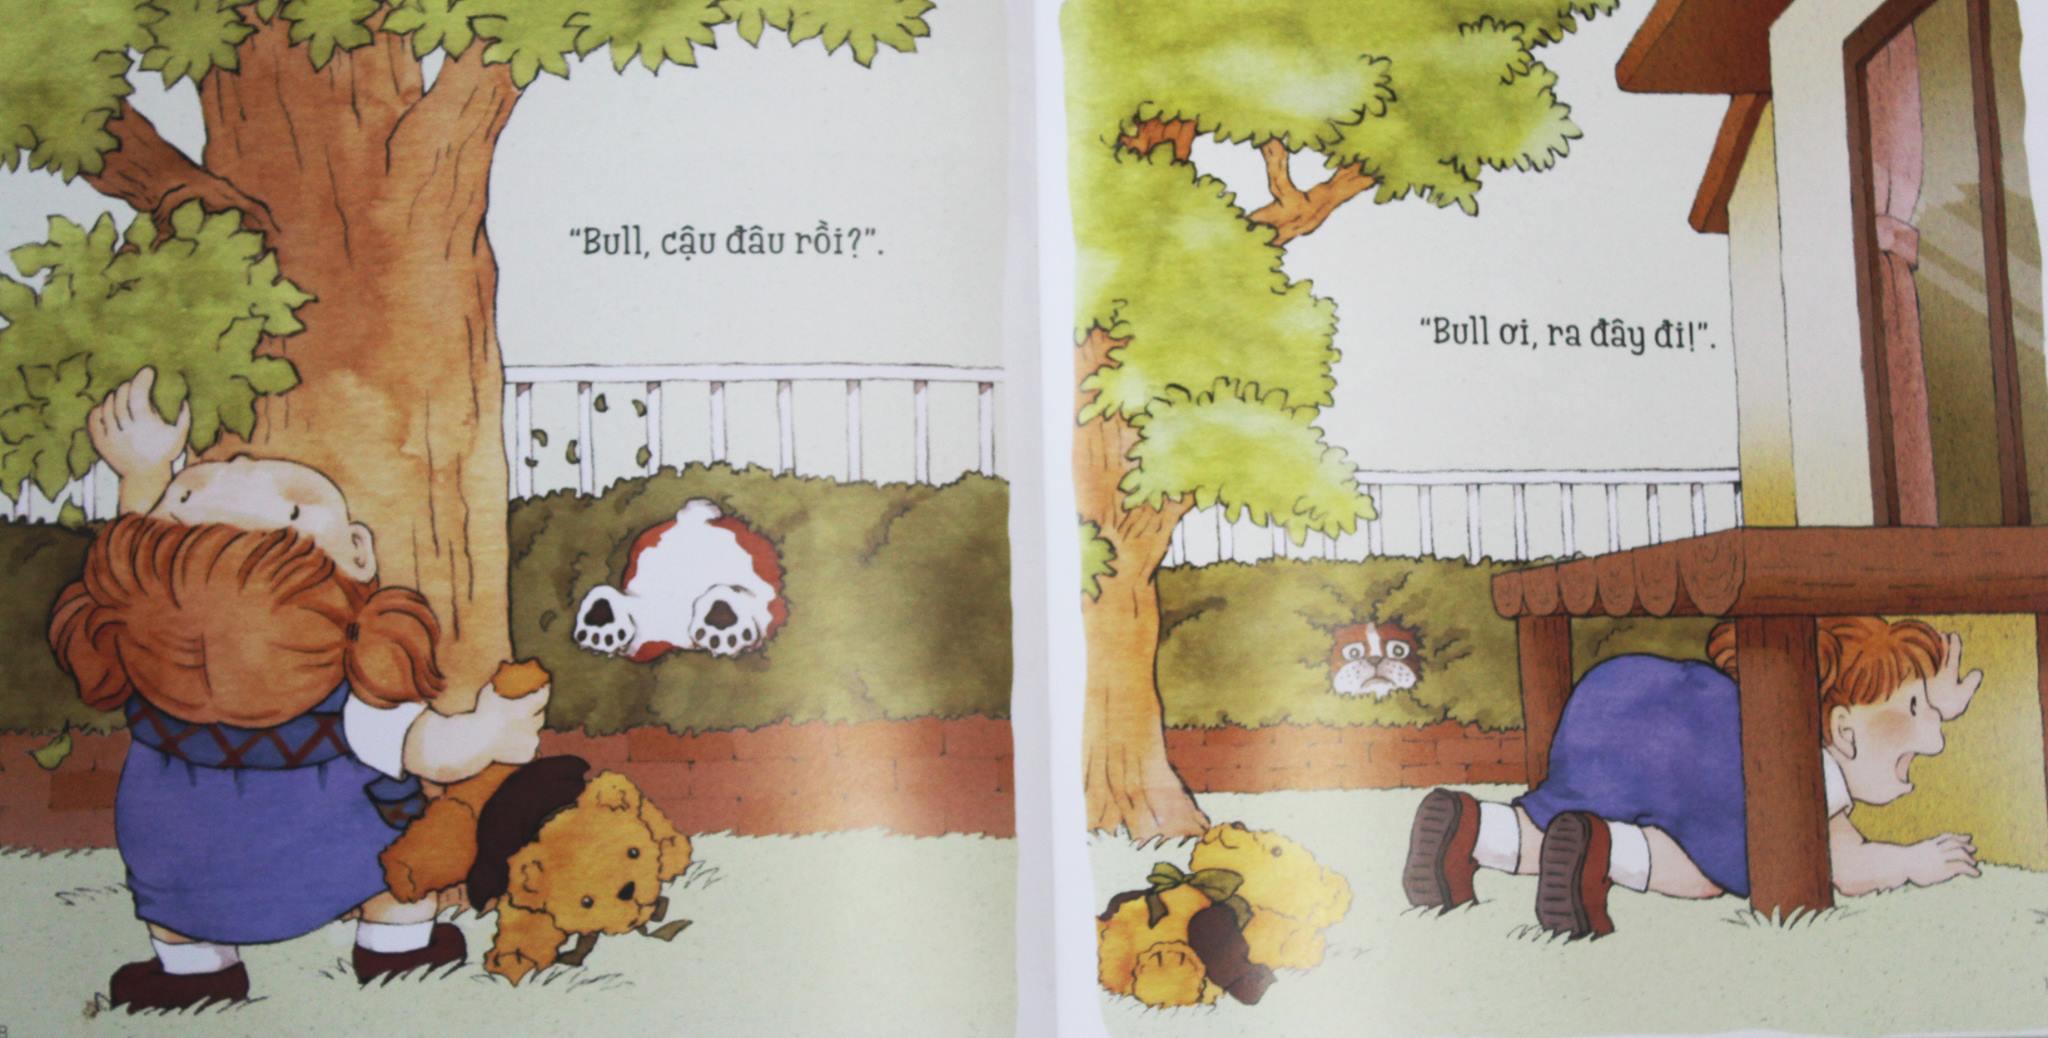 Combo 2 cuốn Ehon Nhật Bản: Bull chơi trốn tìm, Bull và Kana dành cho bé 3-6 tuổi